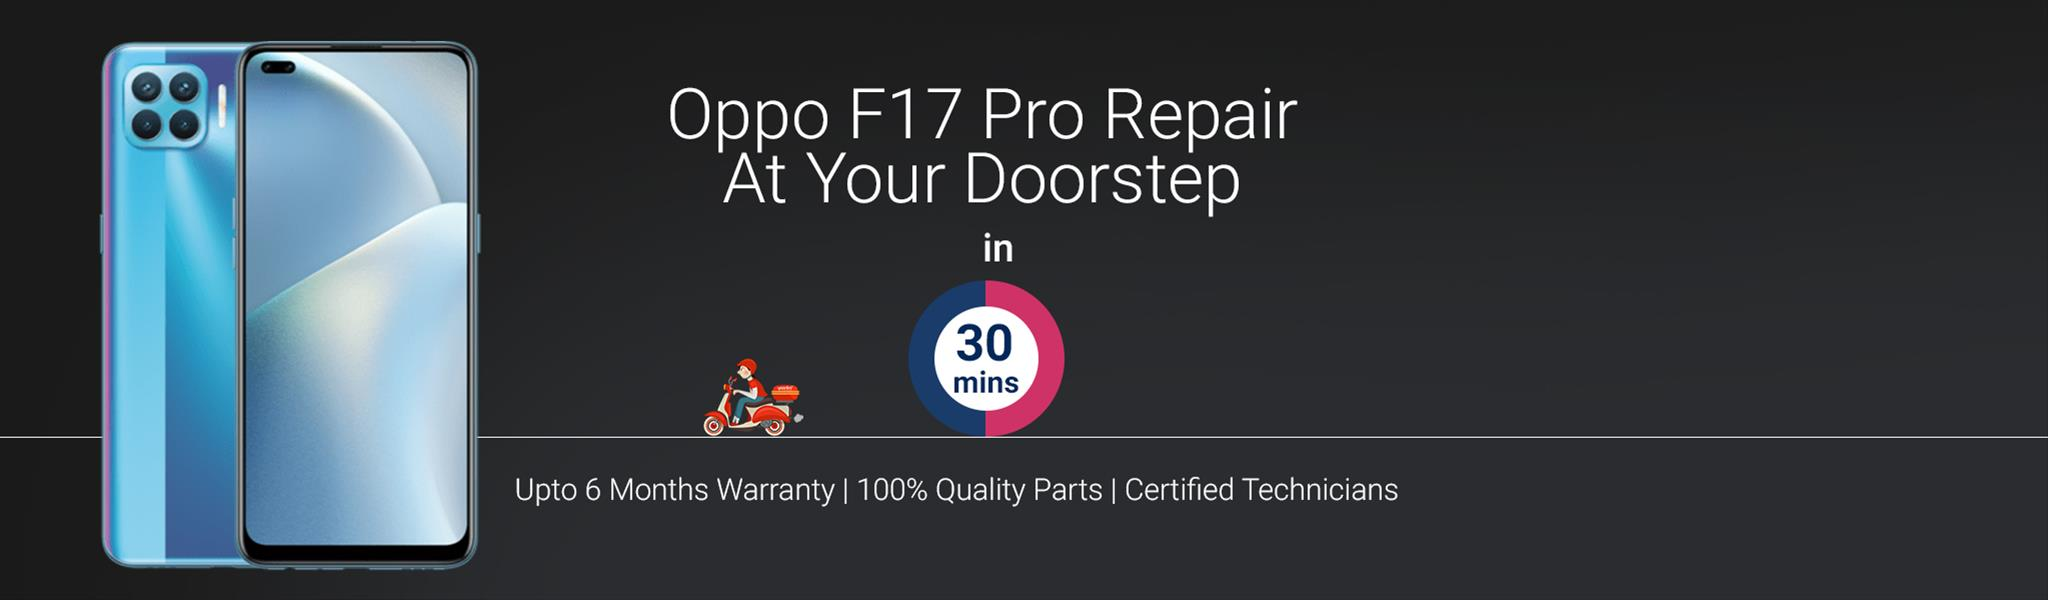 oppo-f17-pro-repair.jpg